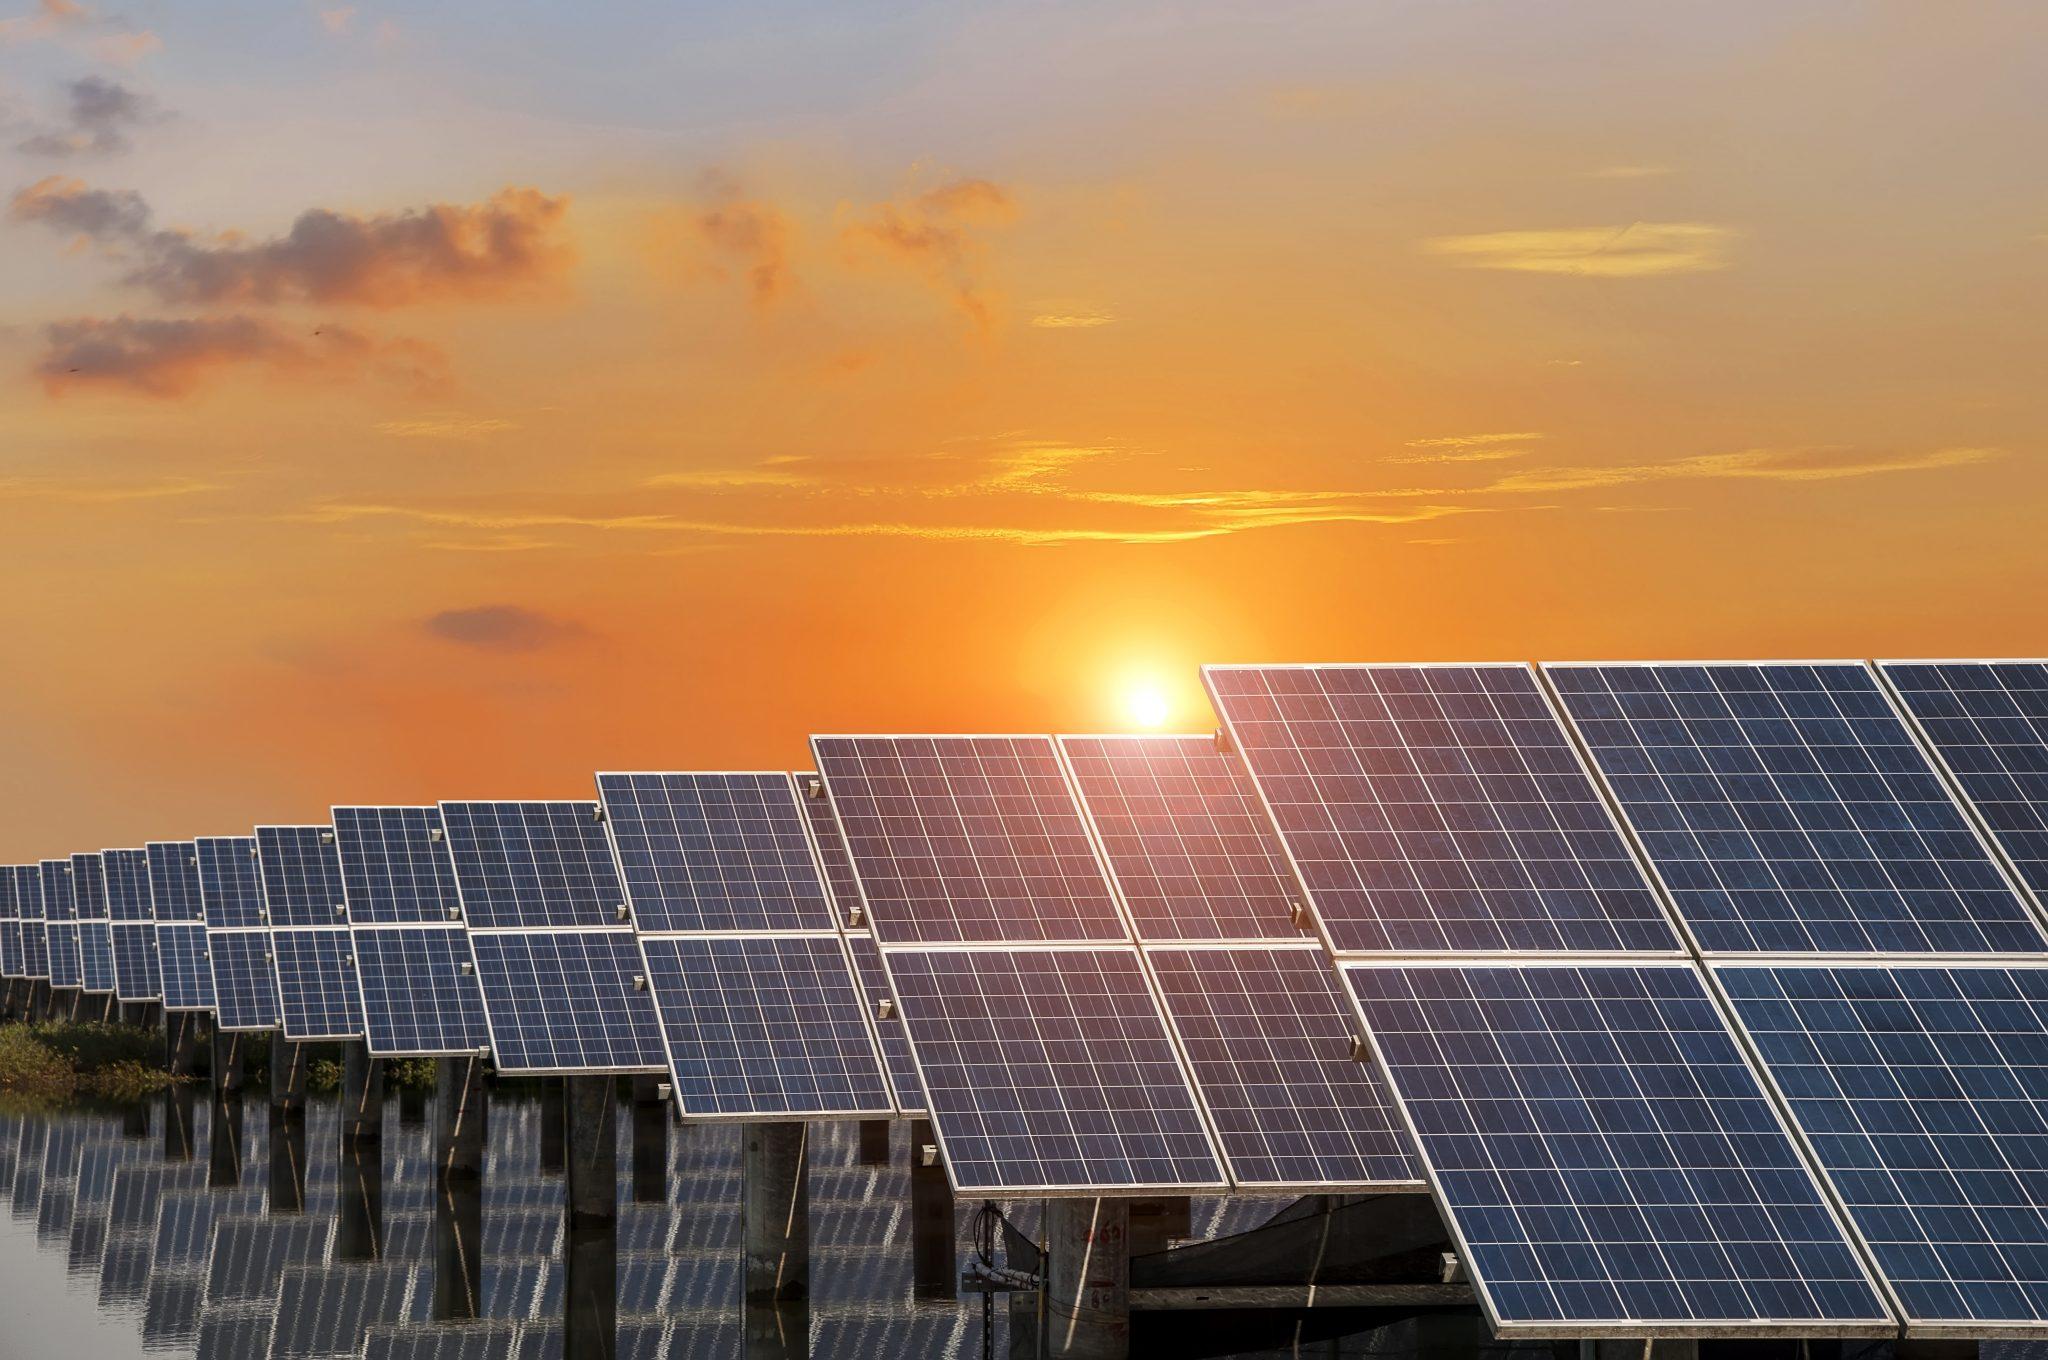 Os Desafios da Energia Solar: Coprel busca modelo ideal para seus associados